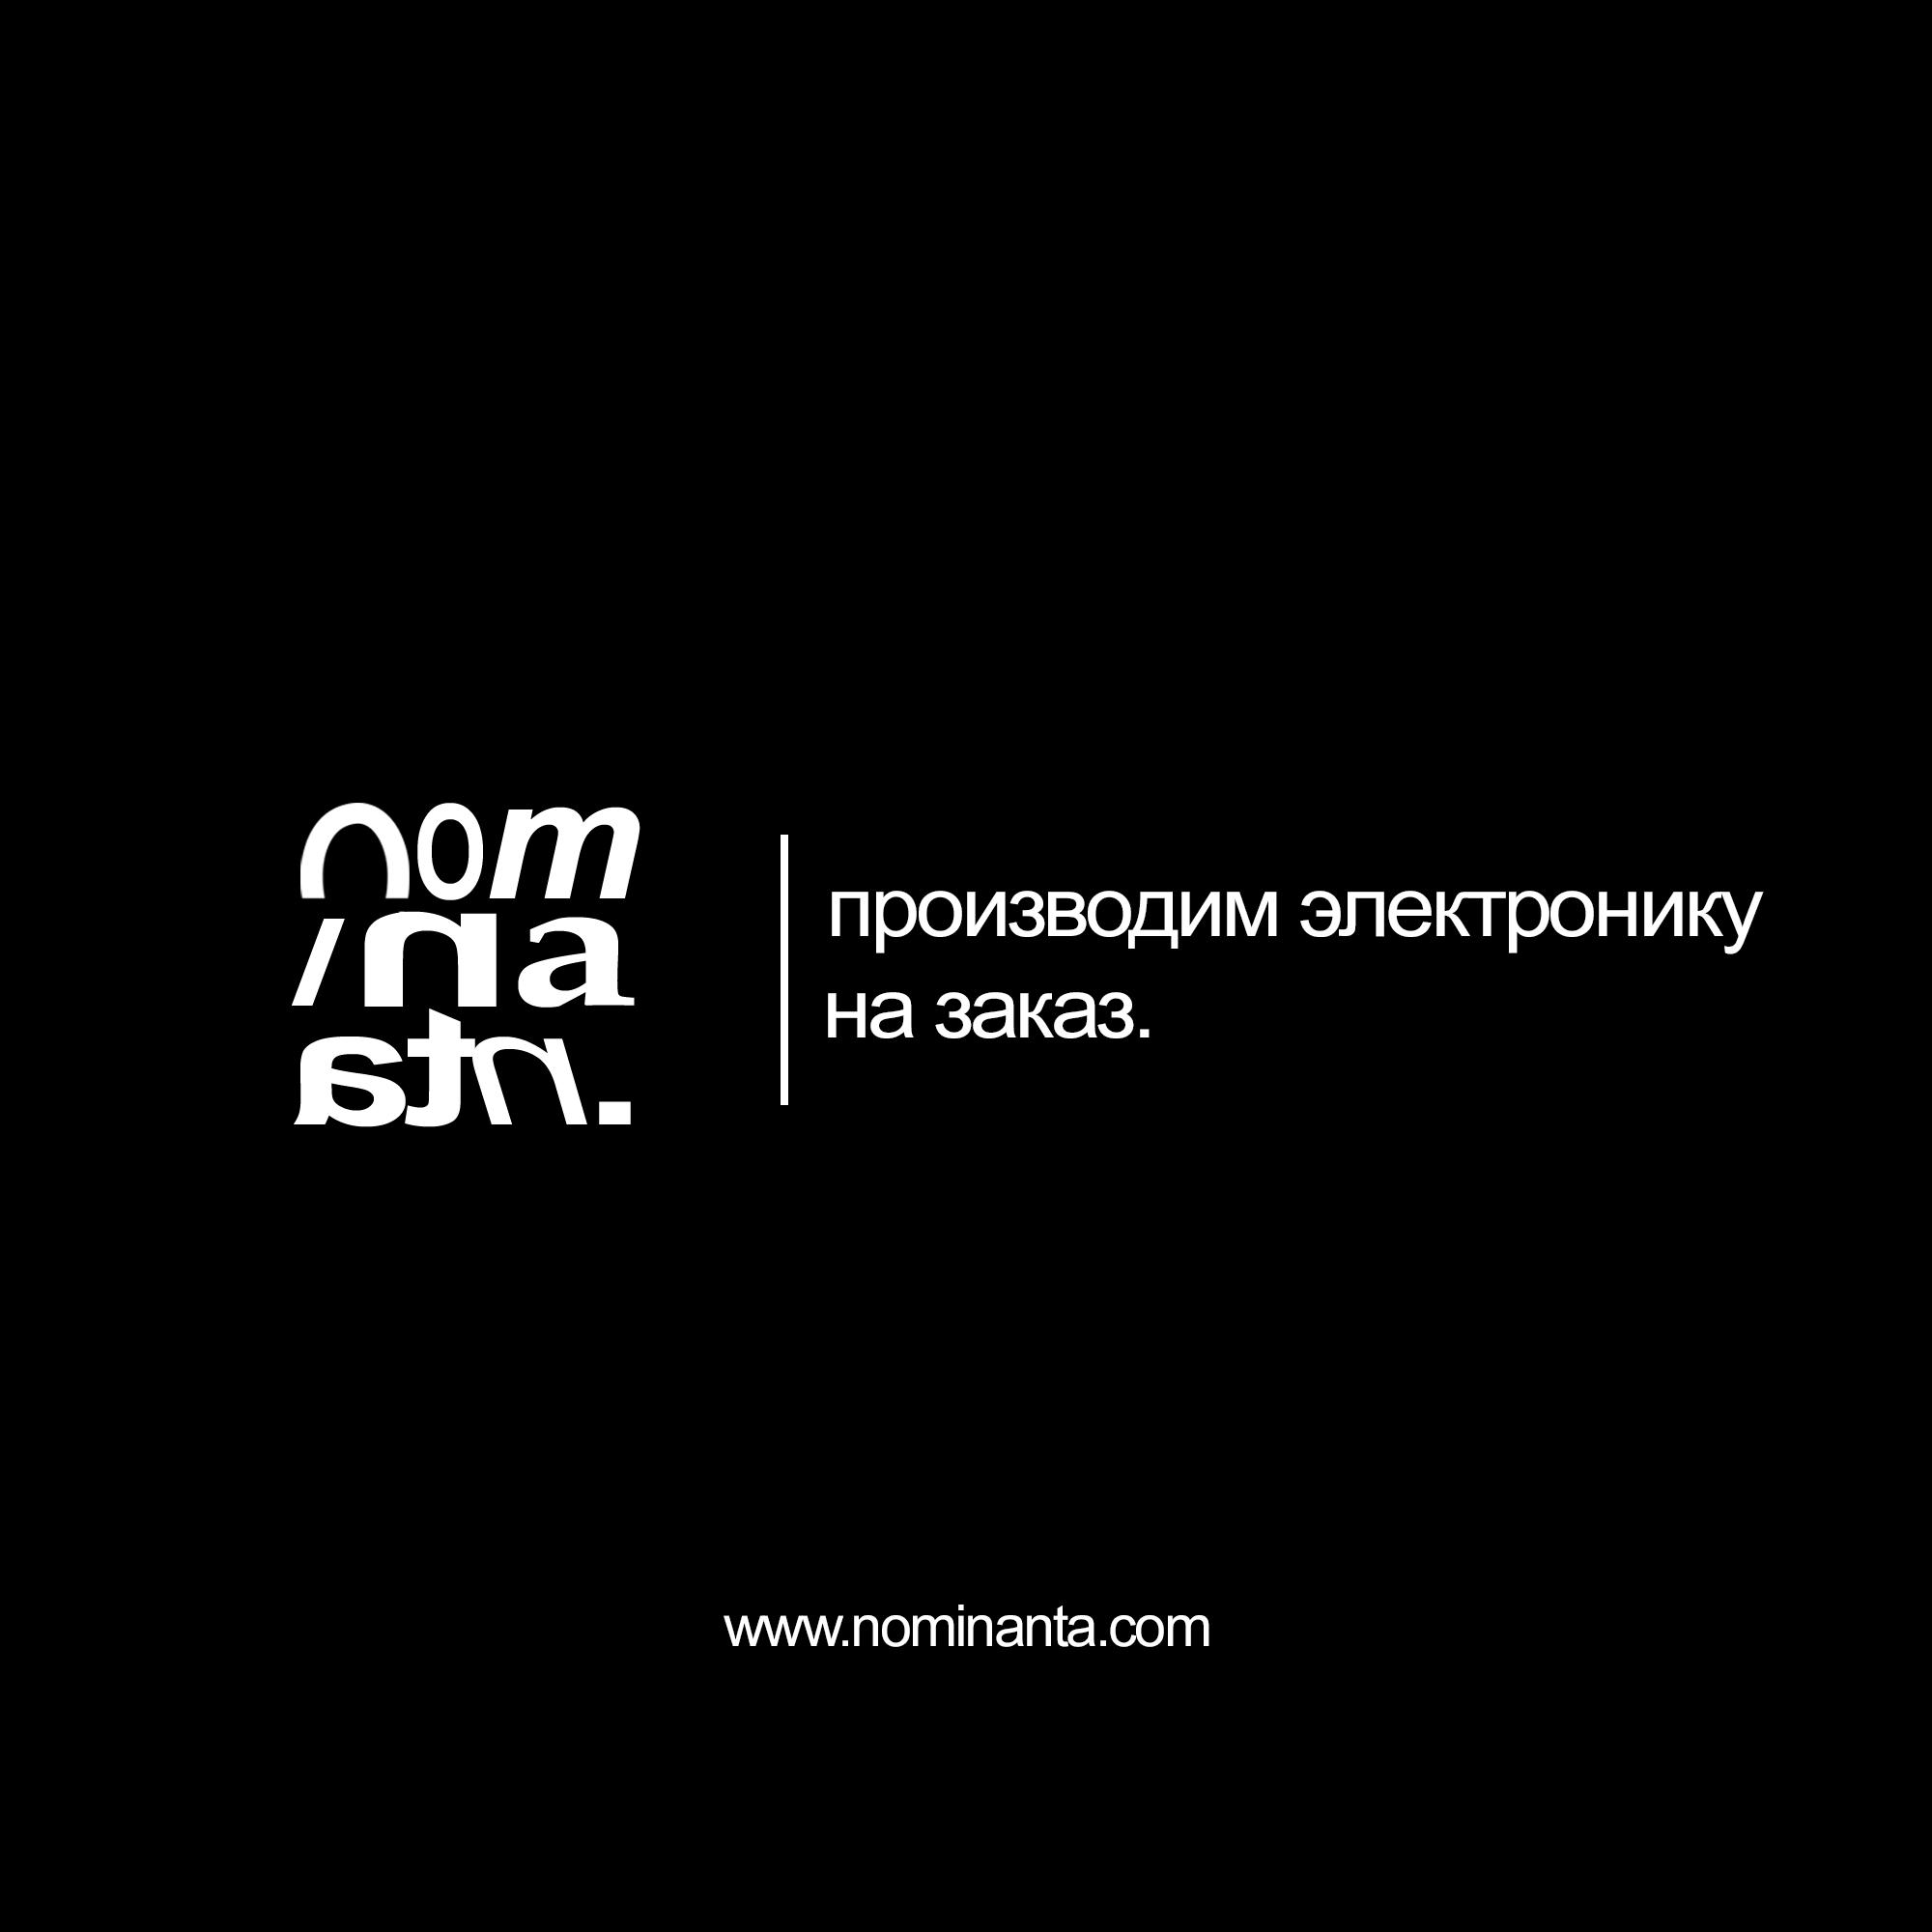 Разработать логотип для КБ по разработке электроники фото f_9825e3eddaad8e95.png